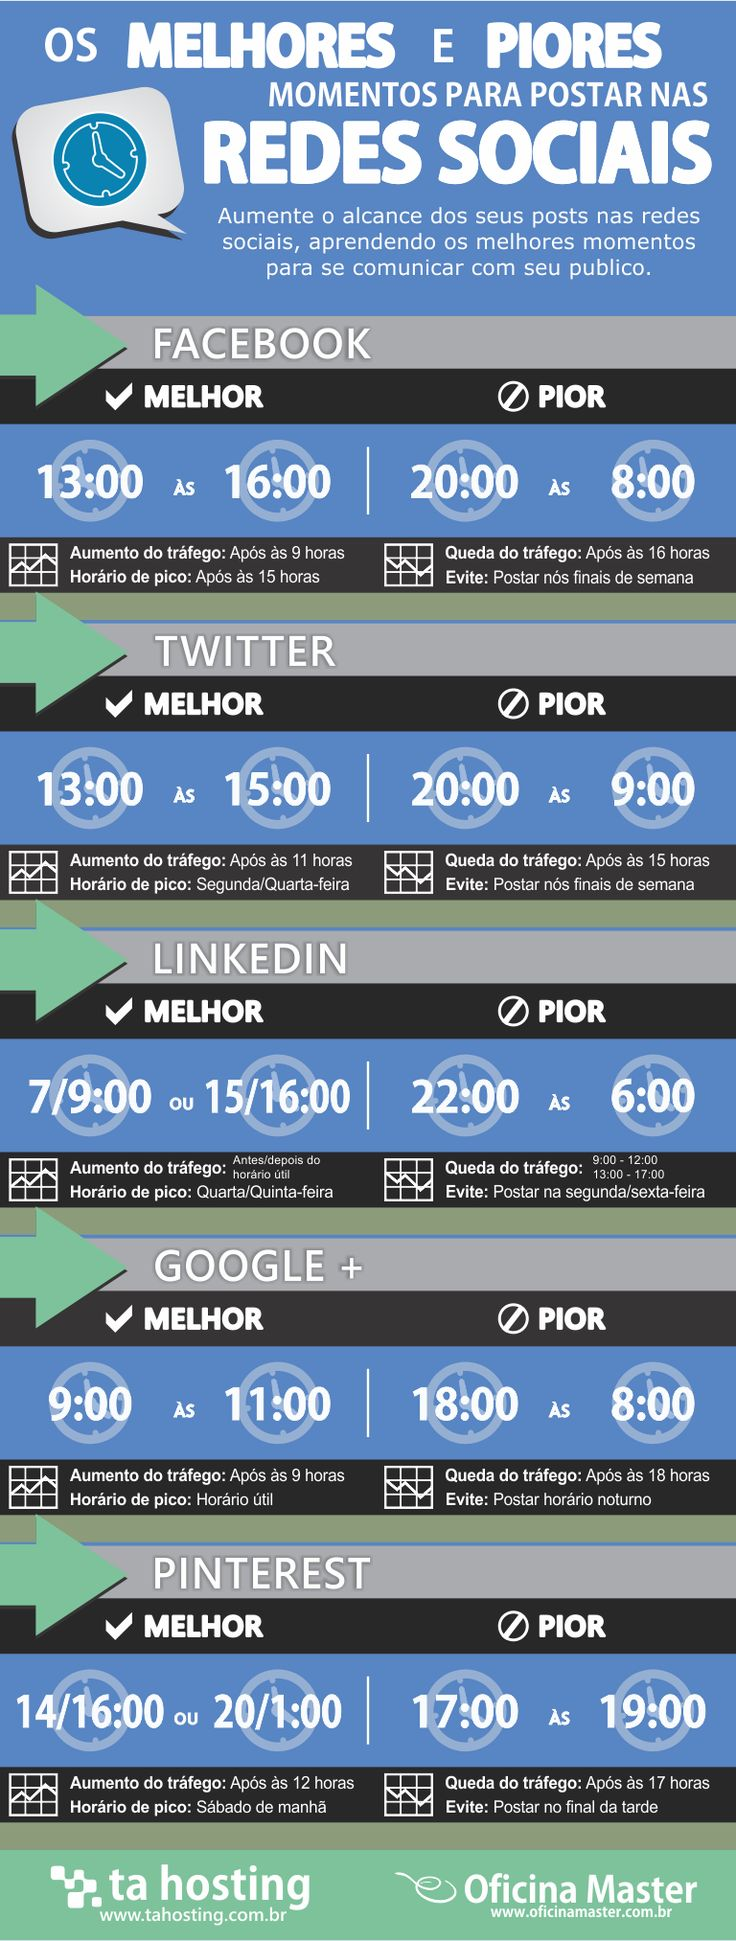 [Infográfico] - Horário nobre nas mídias sociais. #CorretorTech